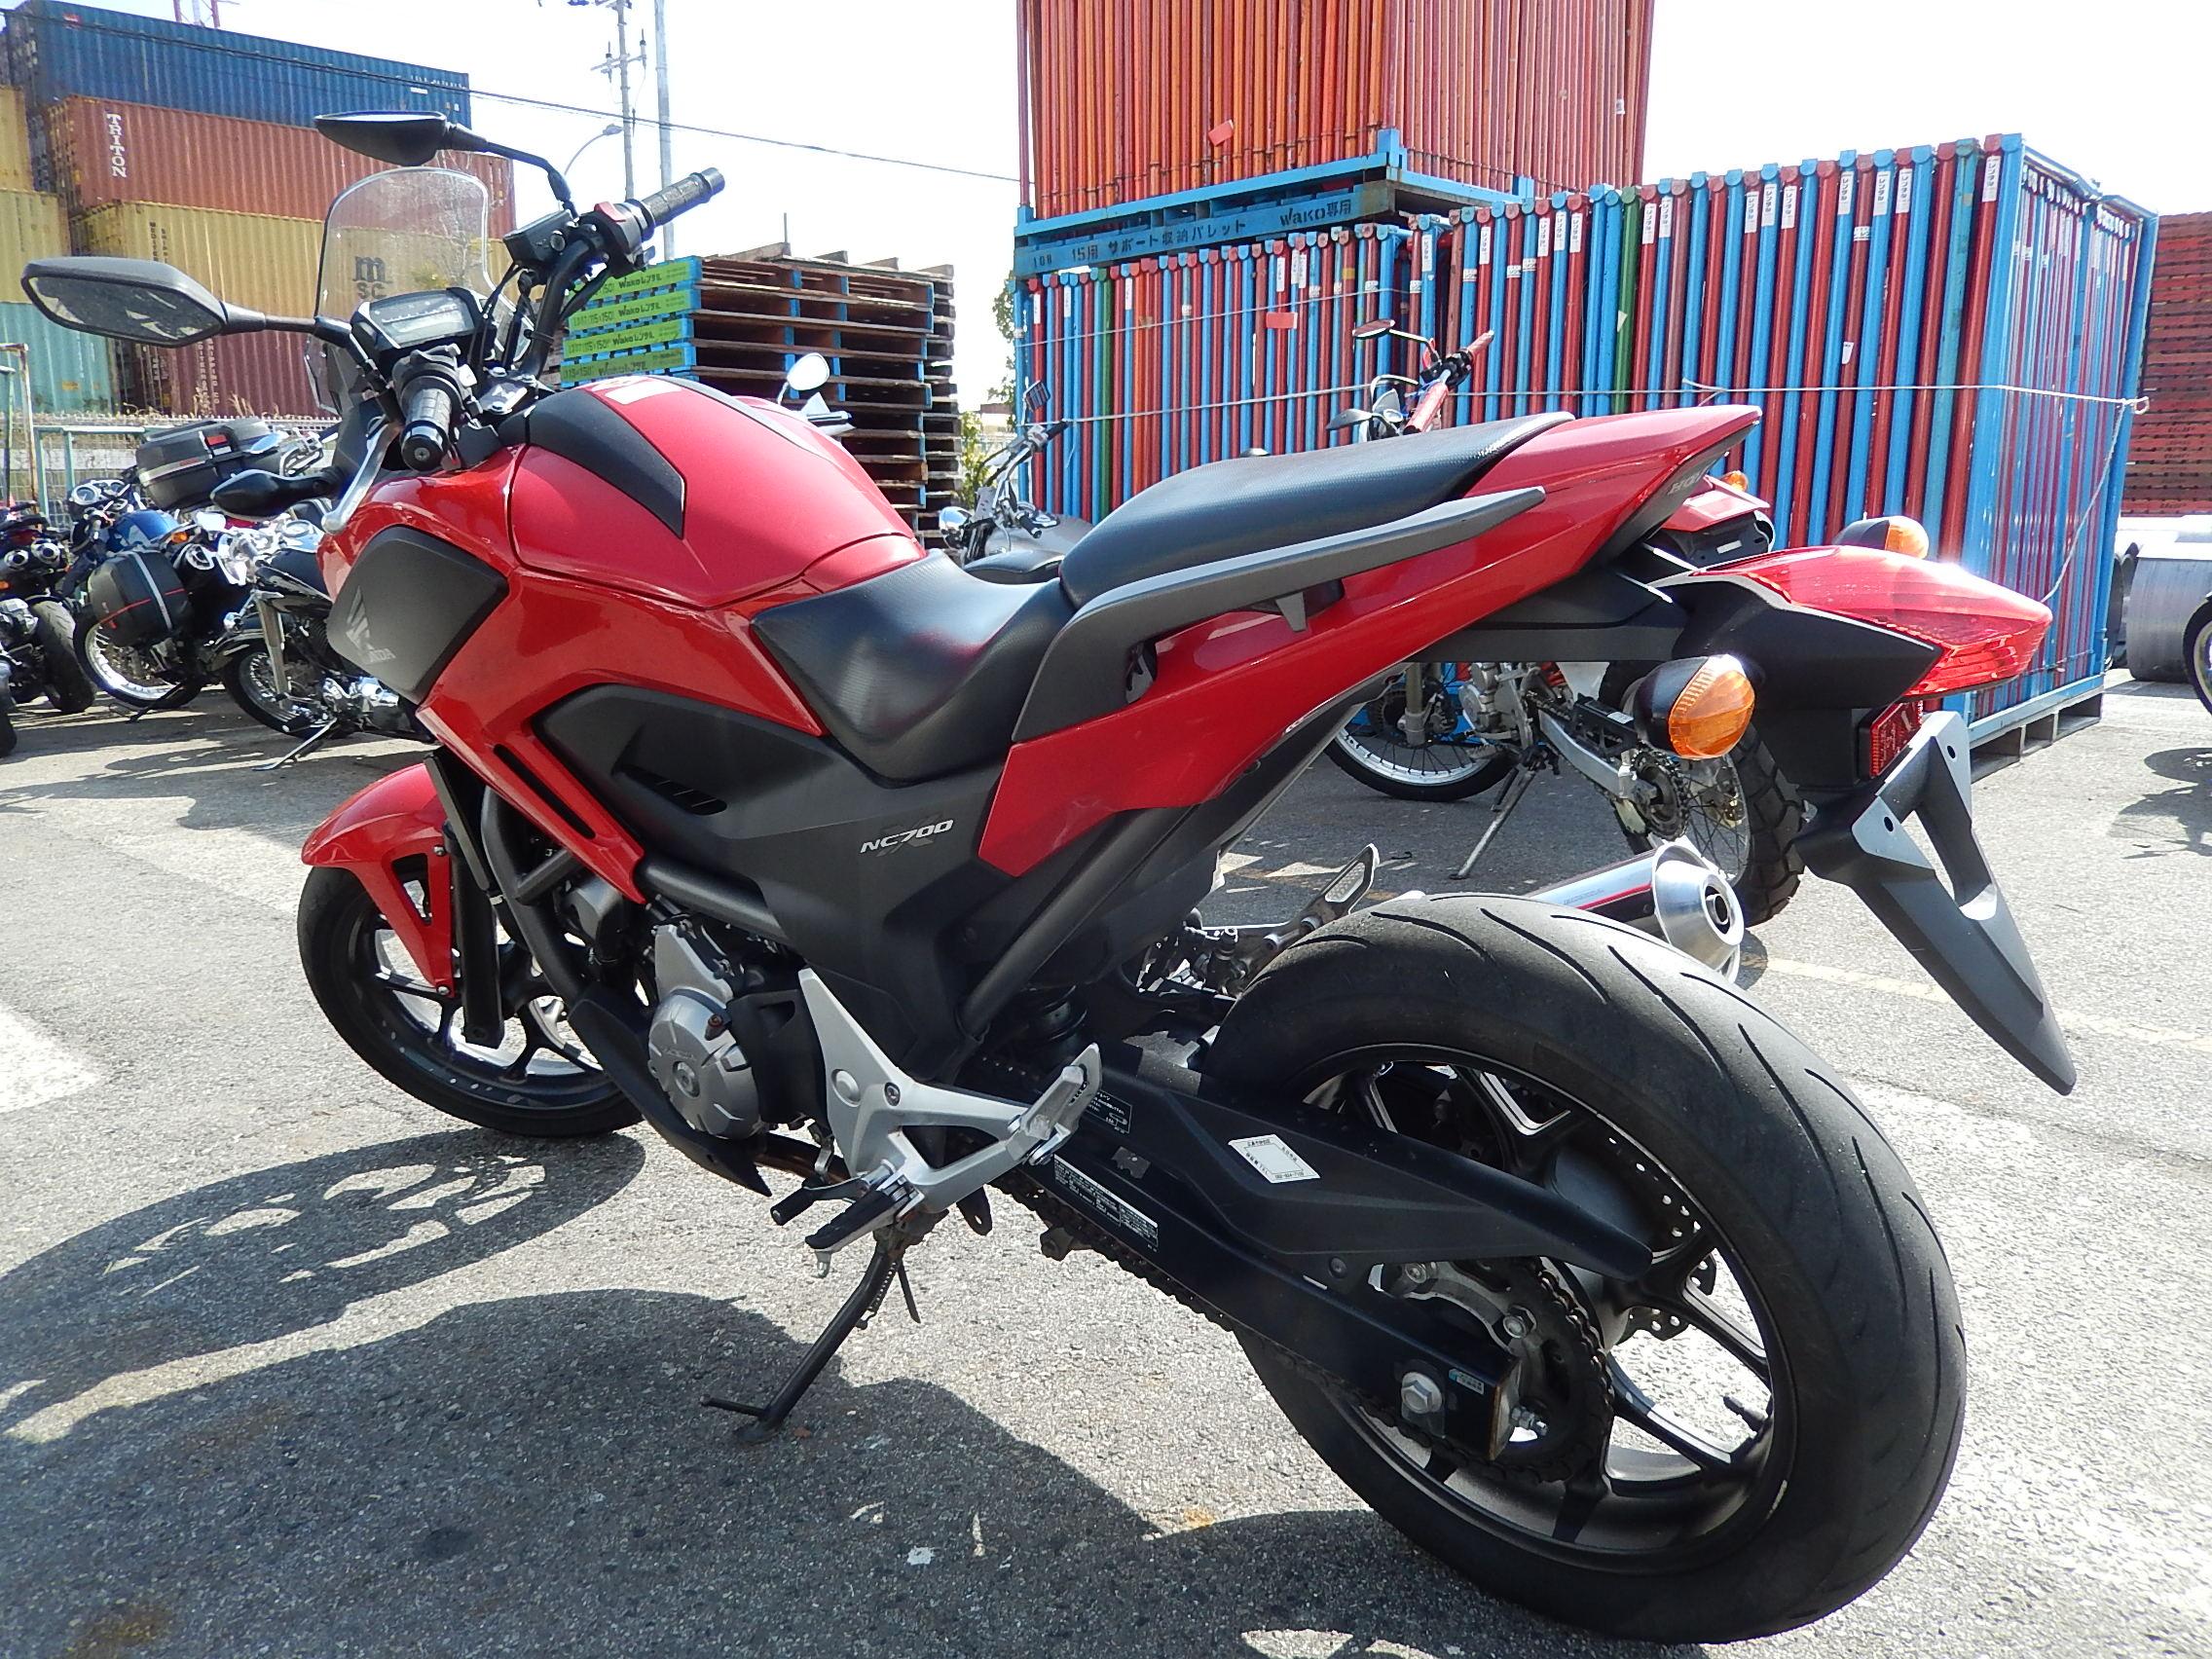 Купить мотоцикл в Екатеринбурге бу или новый, цены ...